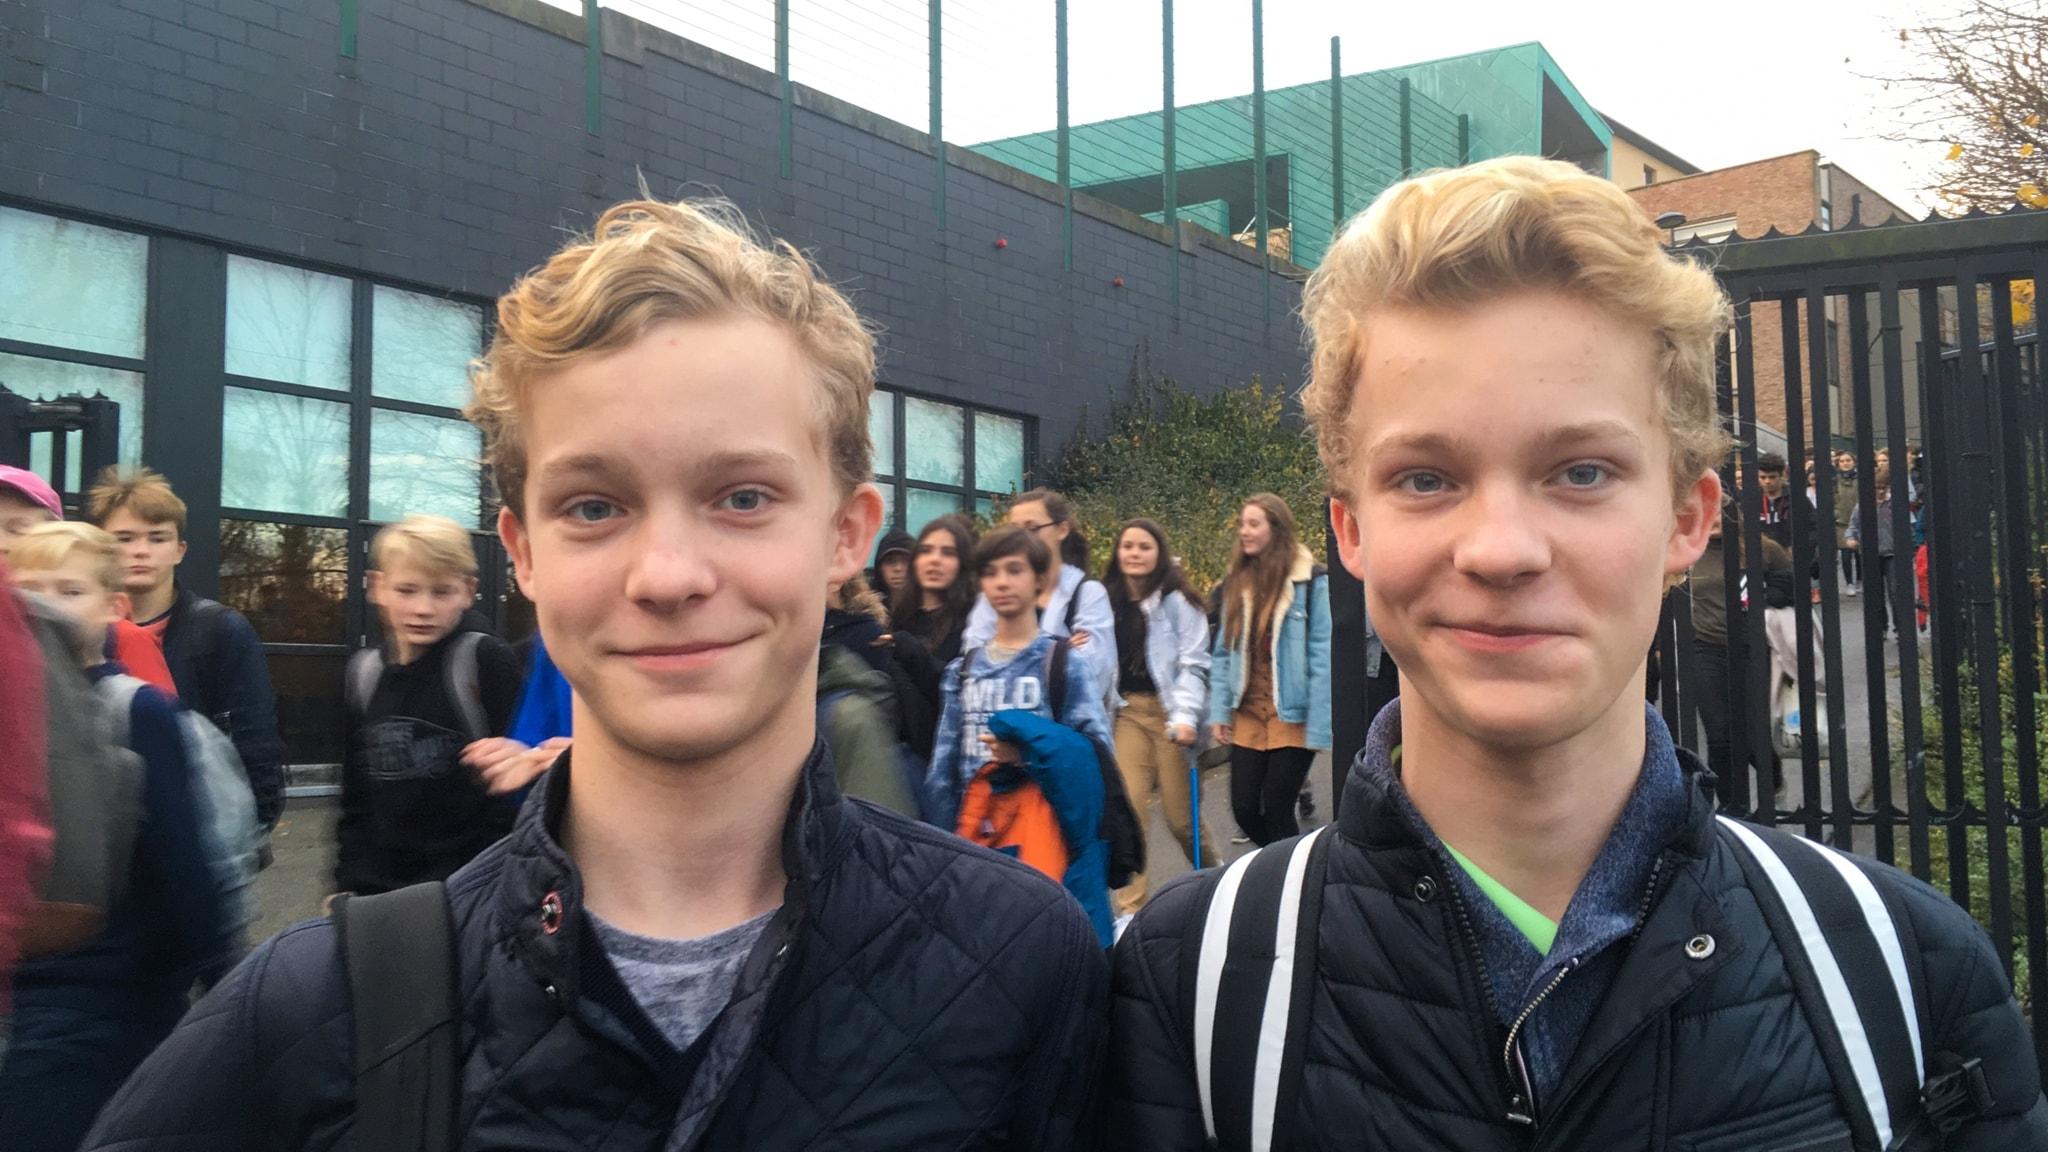 Enäggstvillingarna Erik och Gustav utanför Europeiska skolan i Bryssel.